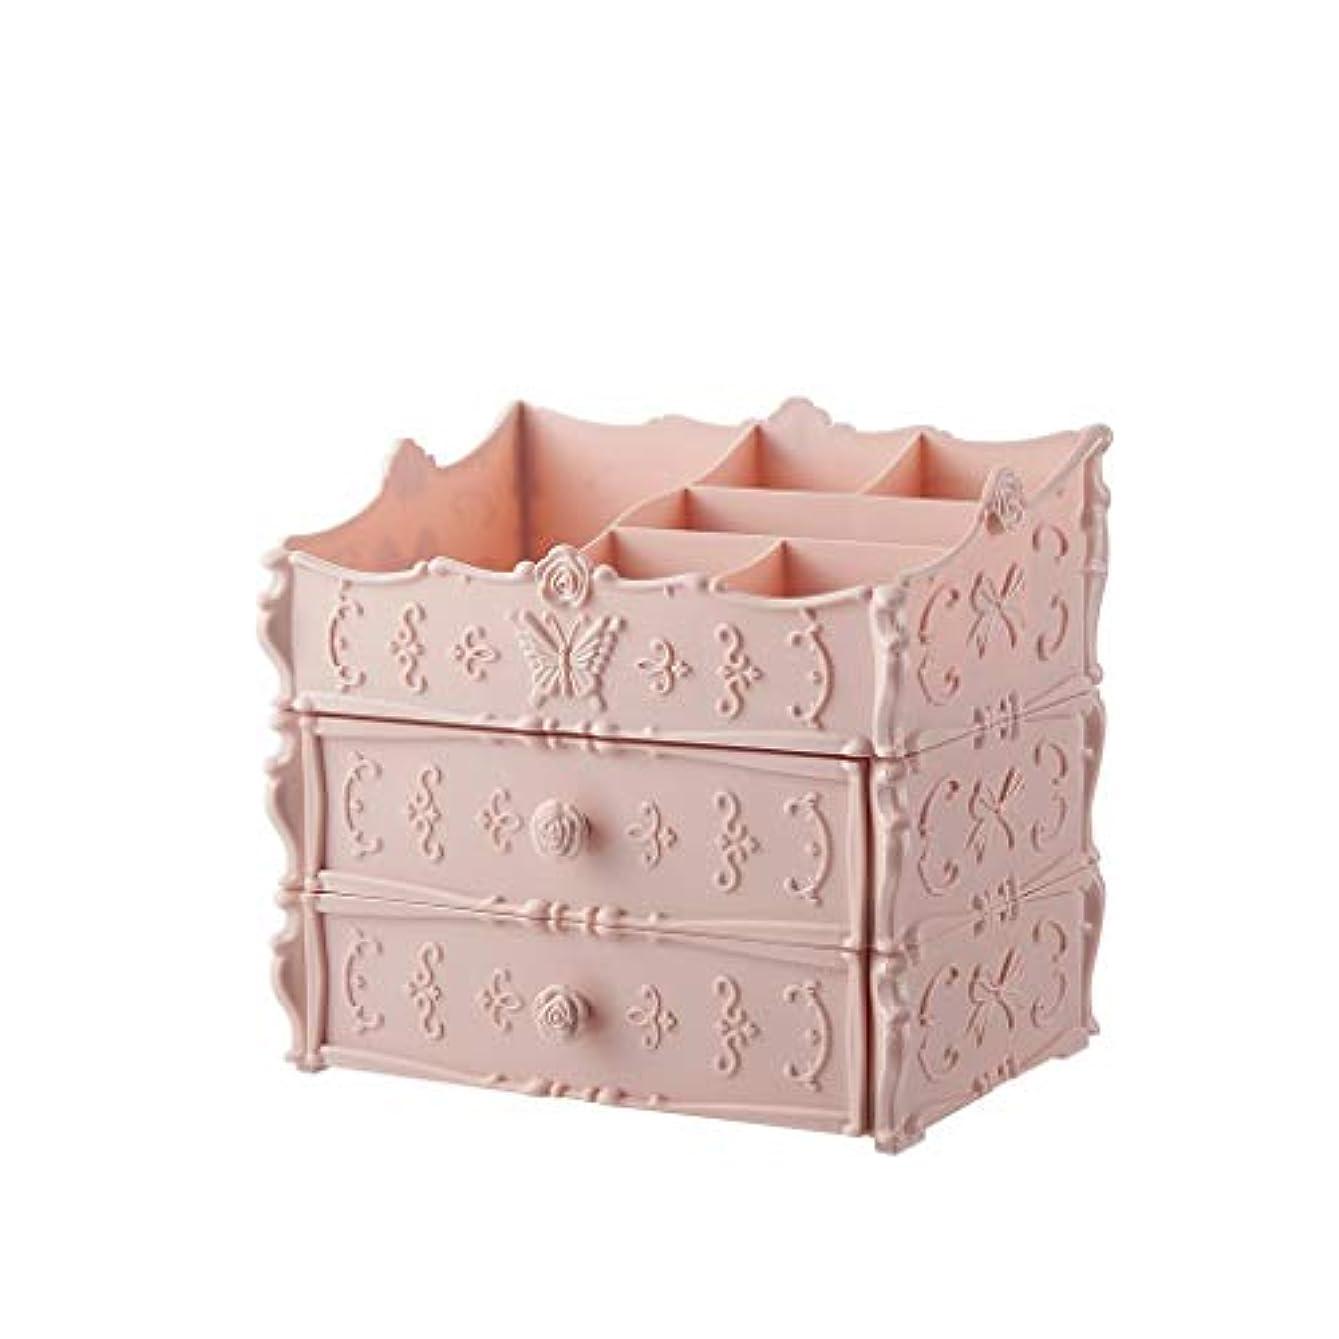 元気な原子ミニ化粧品収納ボックスドレッシングテーブルデスクトップスキンケア製品 (Color : A)